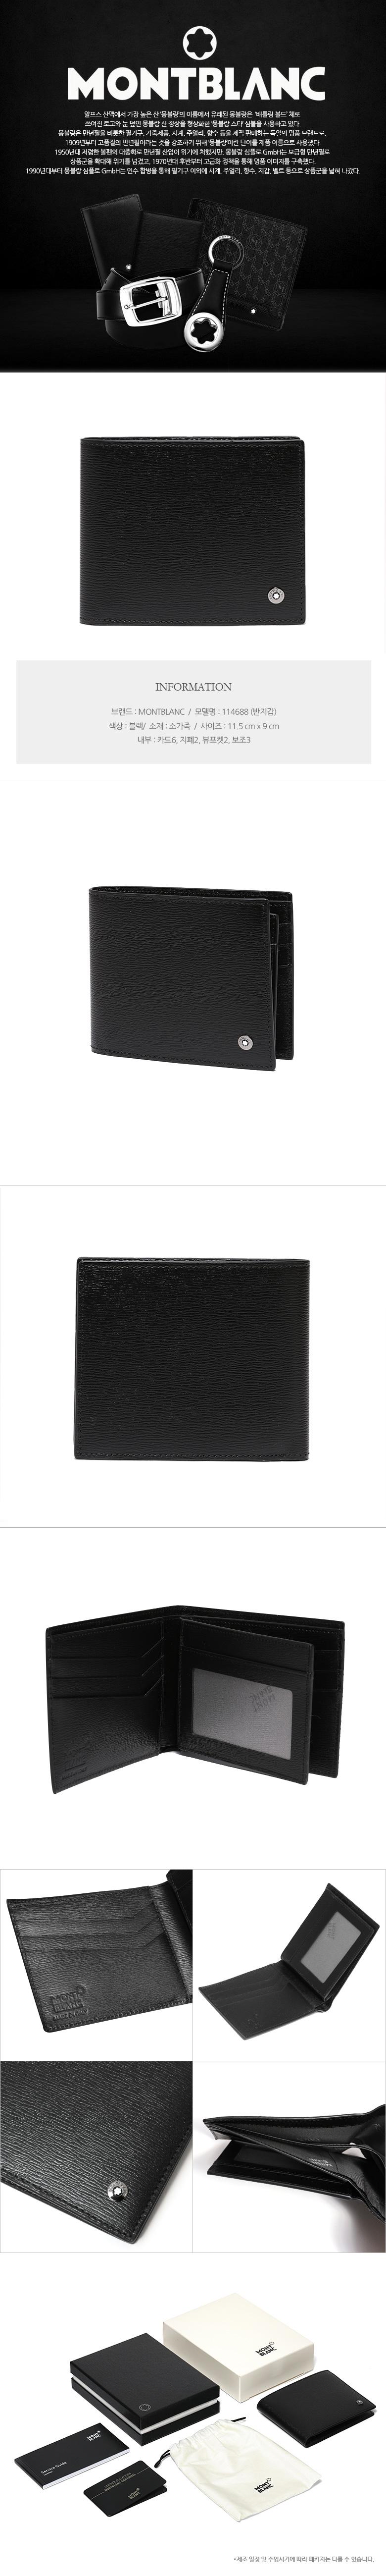 몽블랑(MONTBLANC) MONTBLANC 몽블랑 114688 4810 웨스트사이드 2개의 뷰 포켓이 있는 6cc 지갑(블랙)